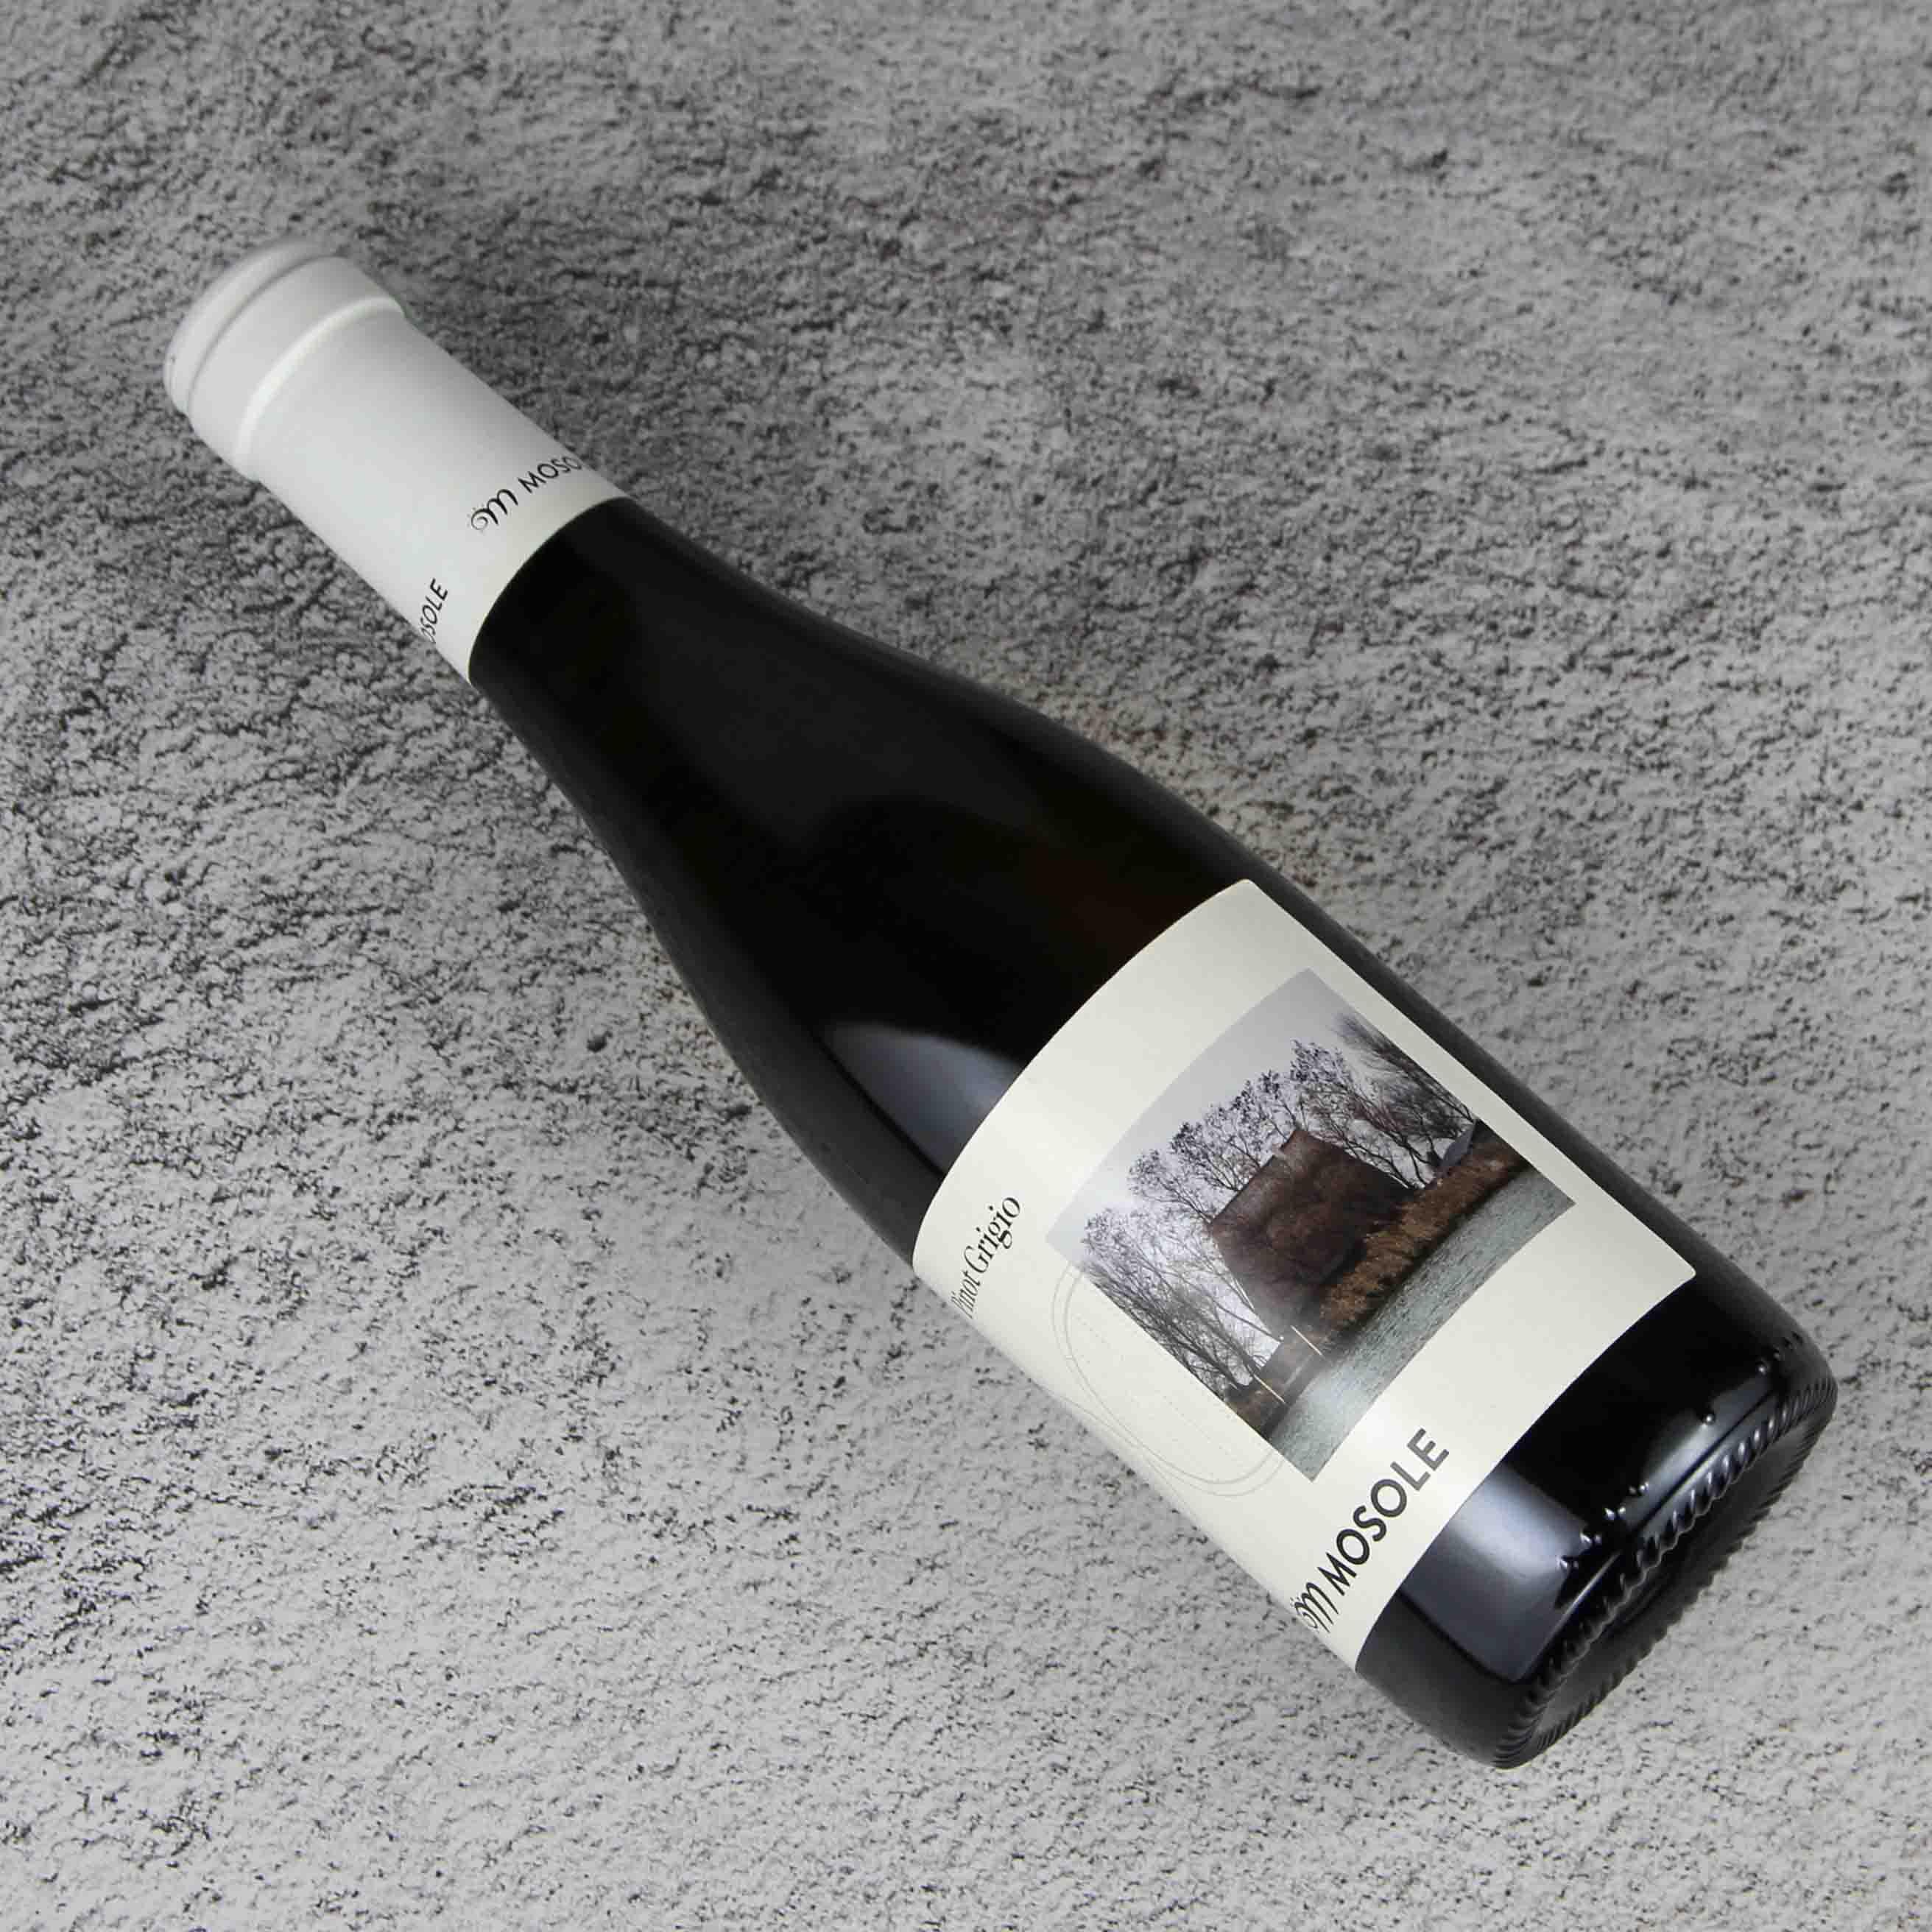 意大利威尼托莫斯勒庄园灰皮诺干白葡萄酒